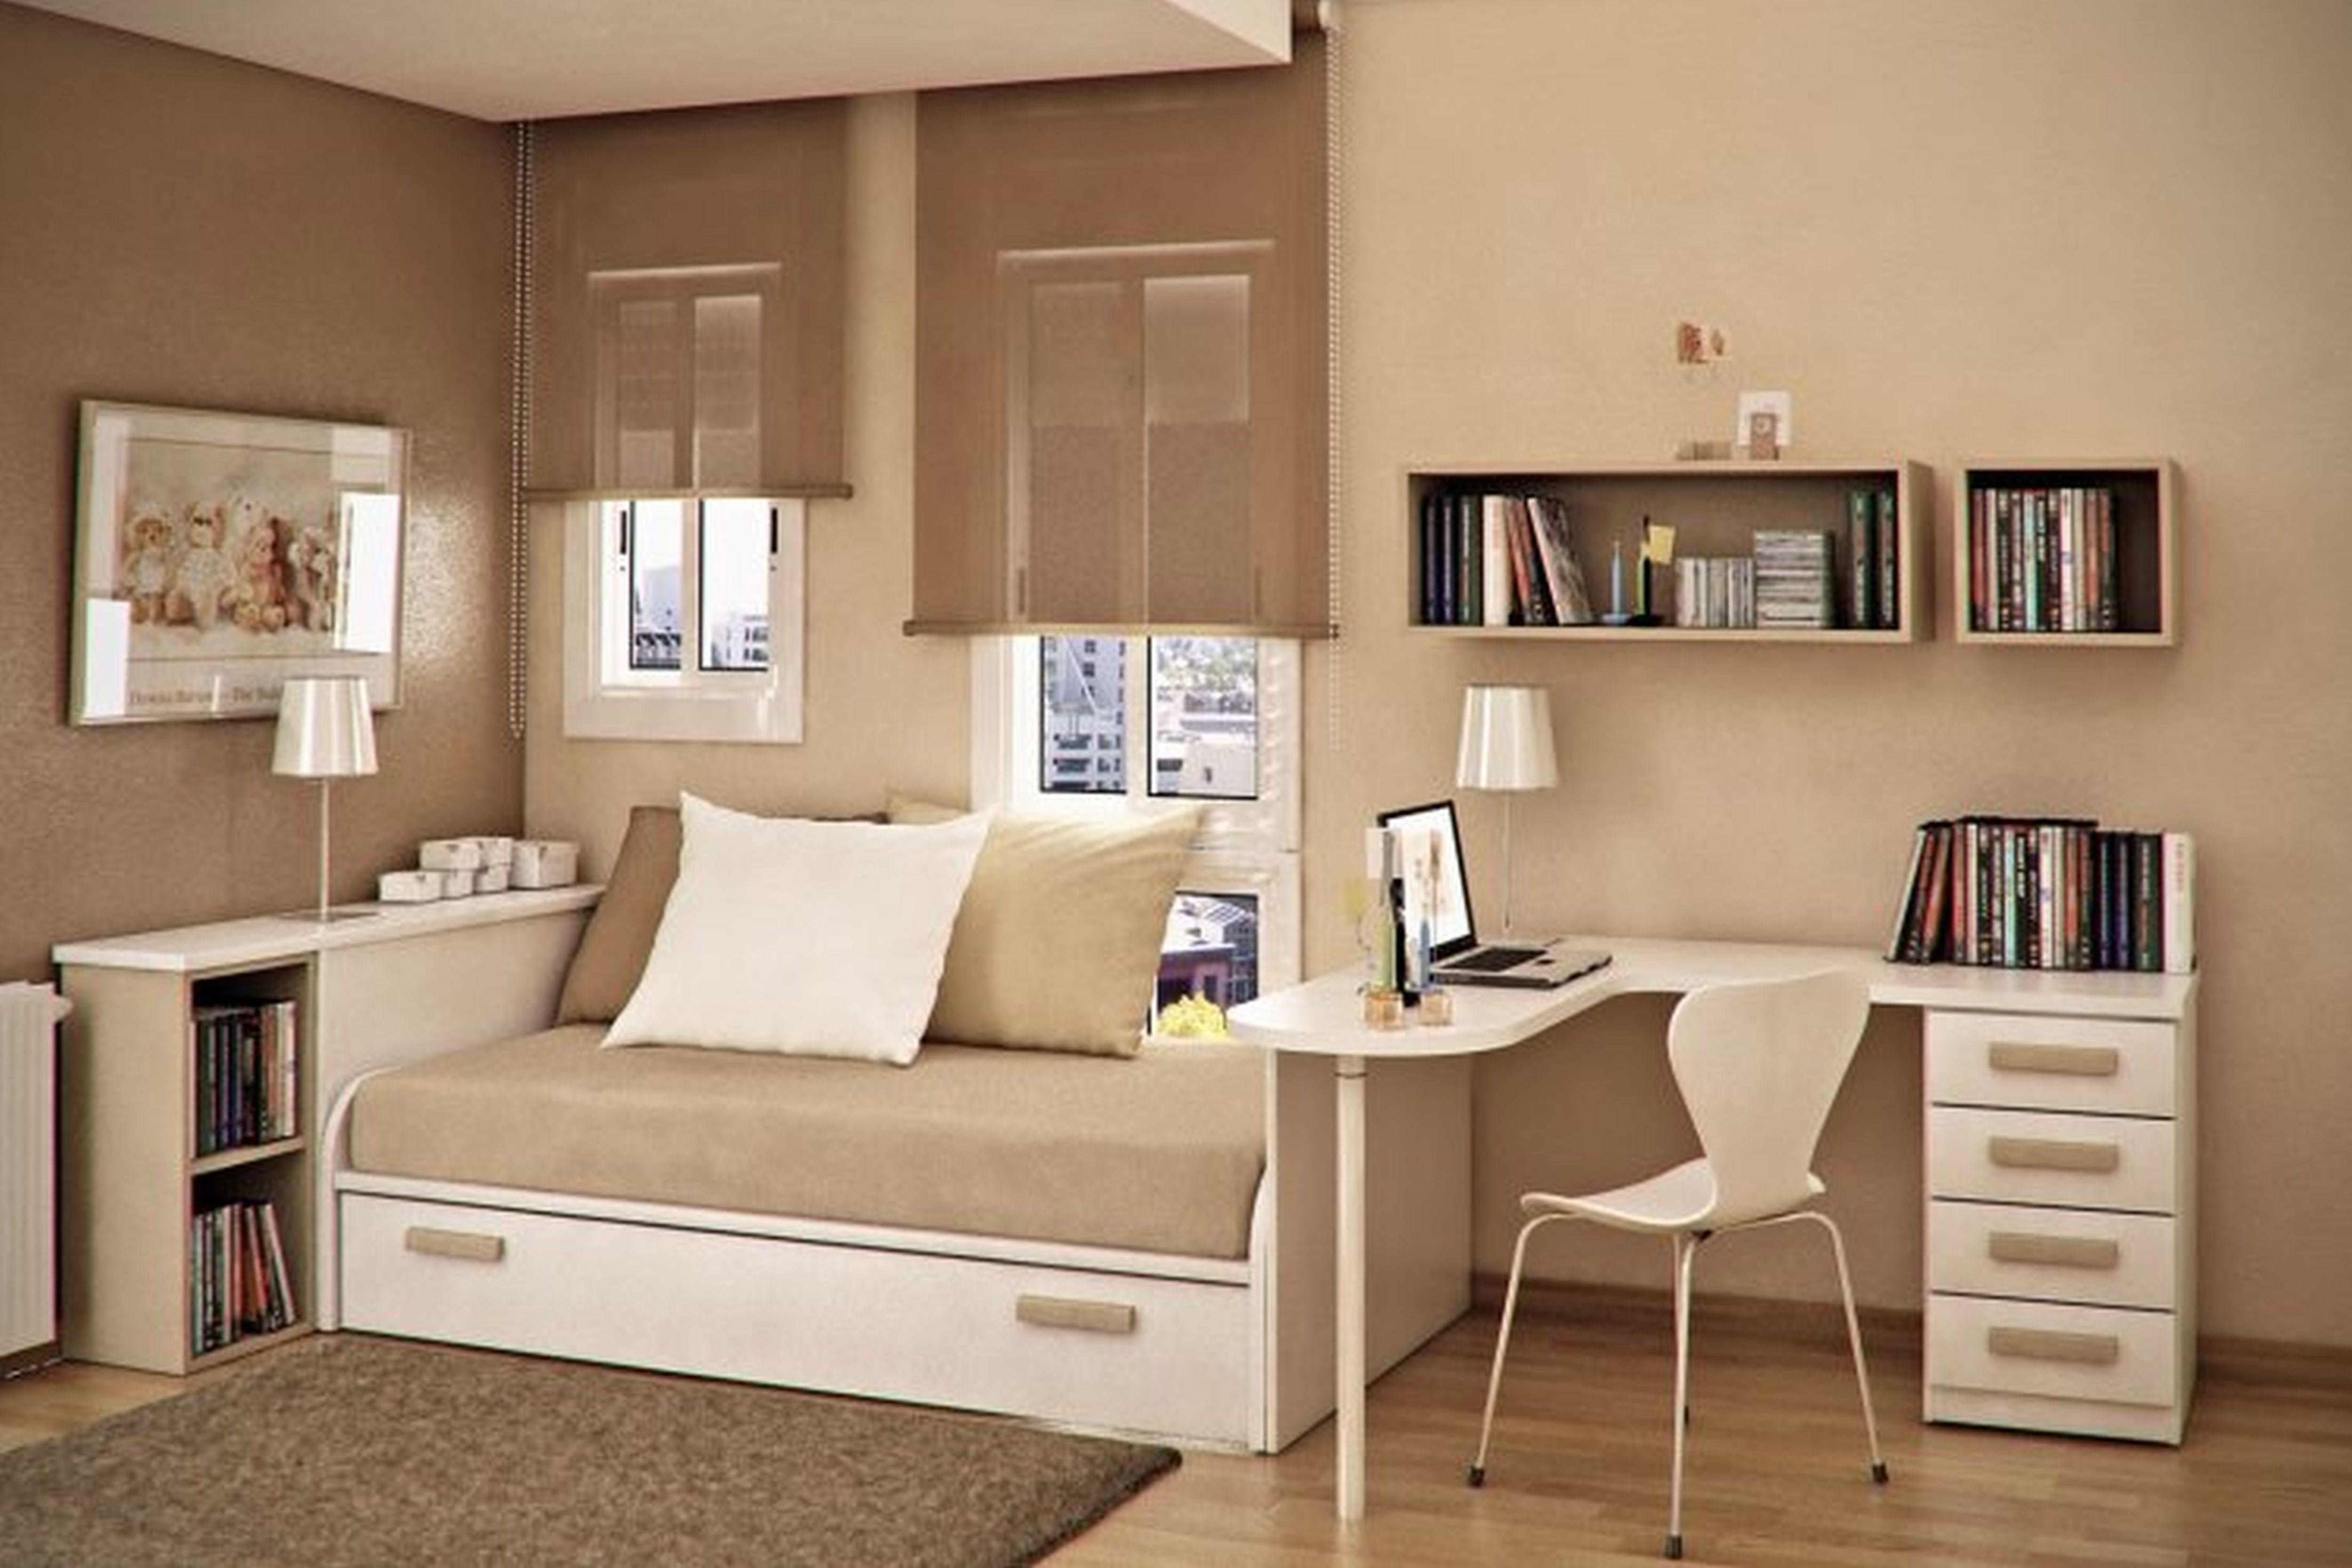 Schon Schlafzimmer Sessel: Machen Sie Ihren Raum Mehr Spezielle Überprüfen Sie  Mehr Unter Http:/. Jugendzimmer GestaltenModerne WandfarbenWandfarbe ...